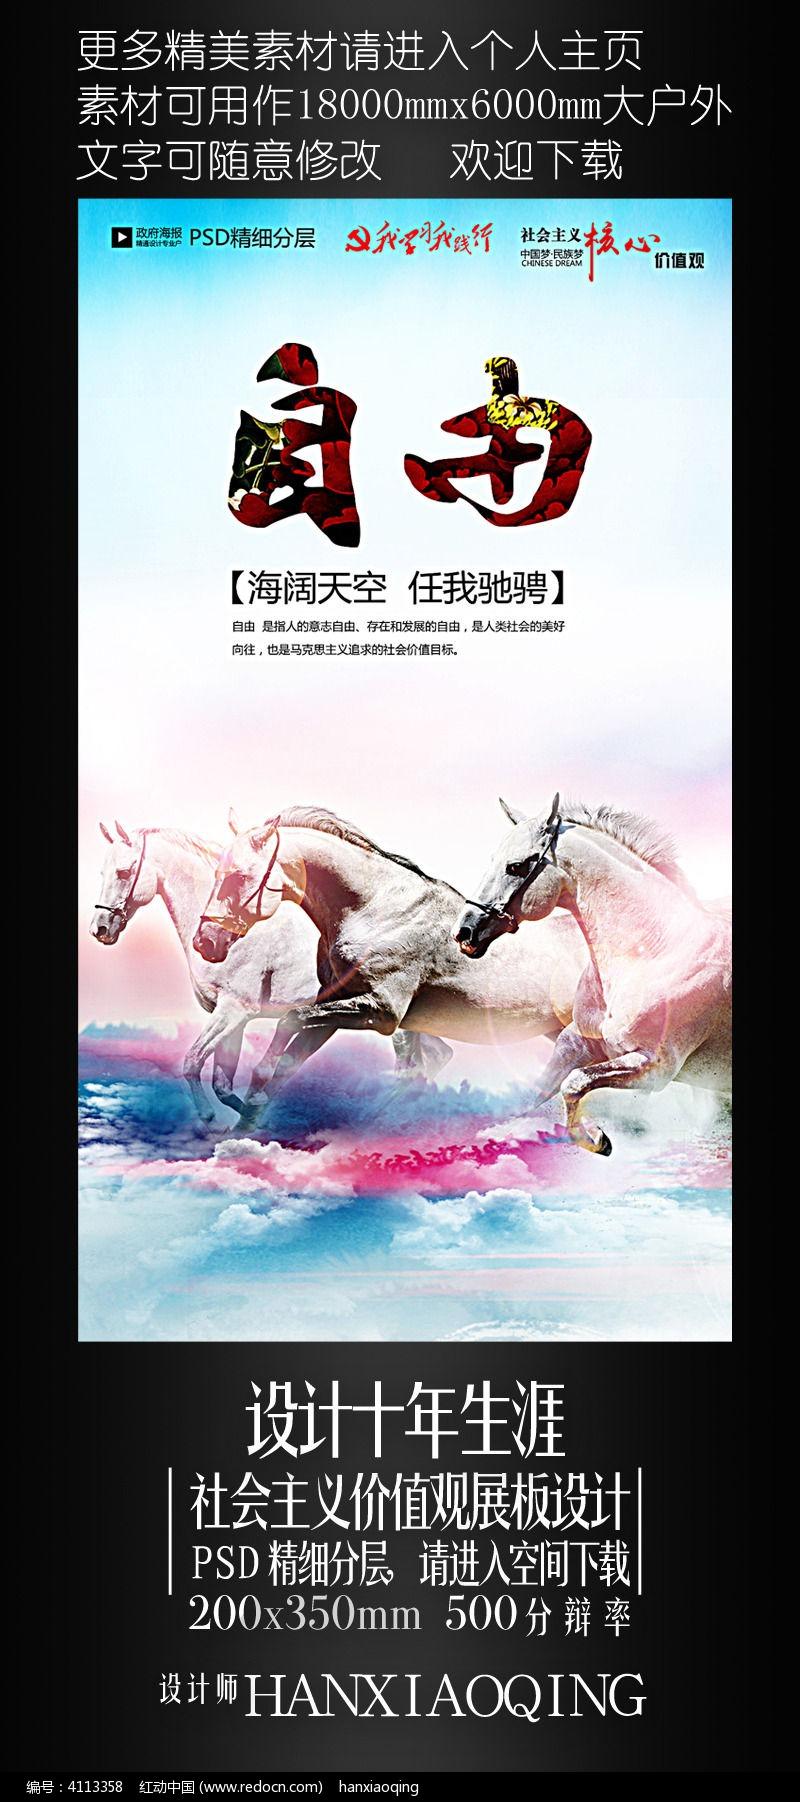 心价值观展板 24个字 中国风 社会主义核心价值观挂图 社会主义核心